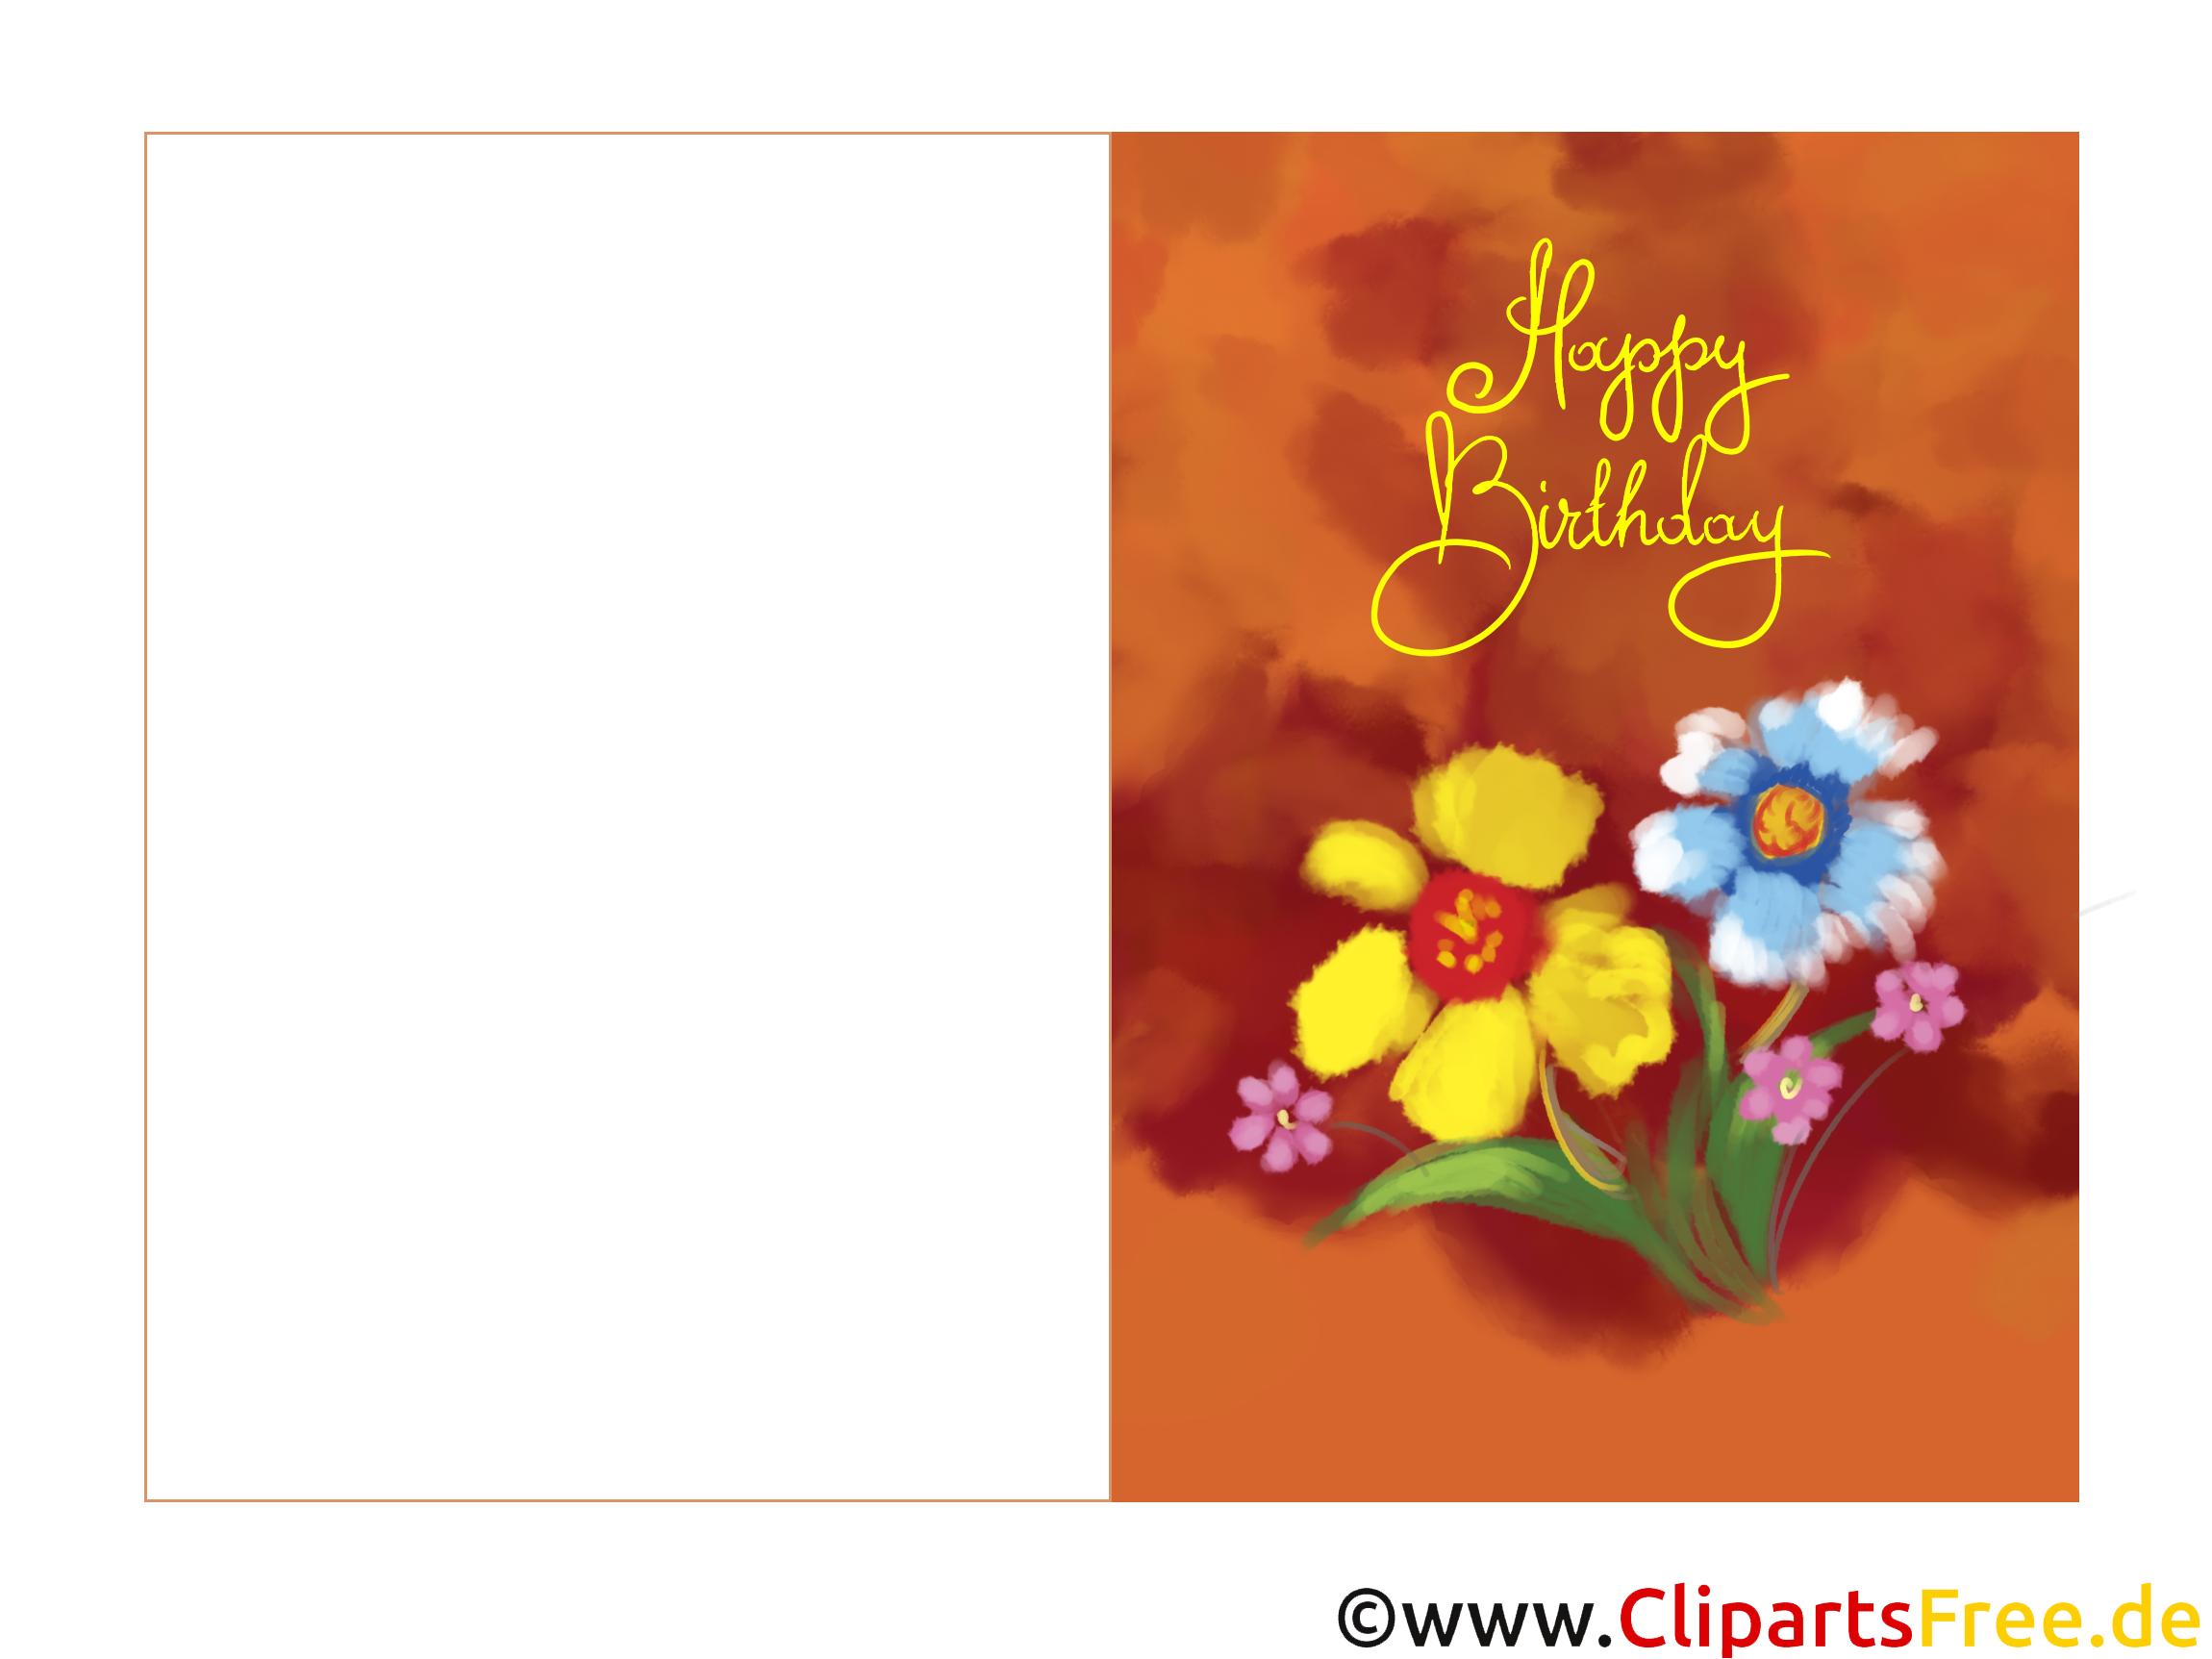 Elektronische geburtstagskarte kostenlos zum runterladen for Geburtstagskarten gratis drucken